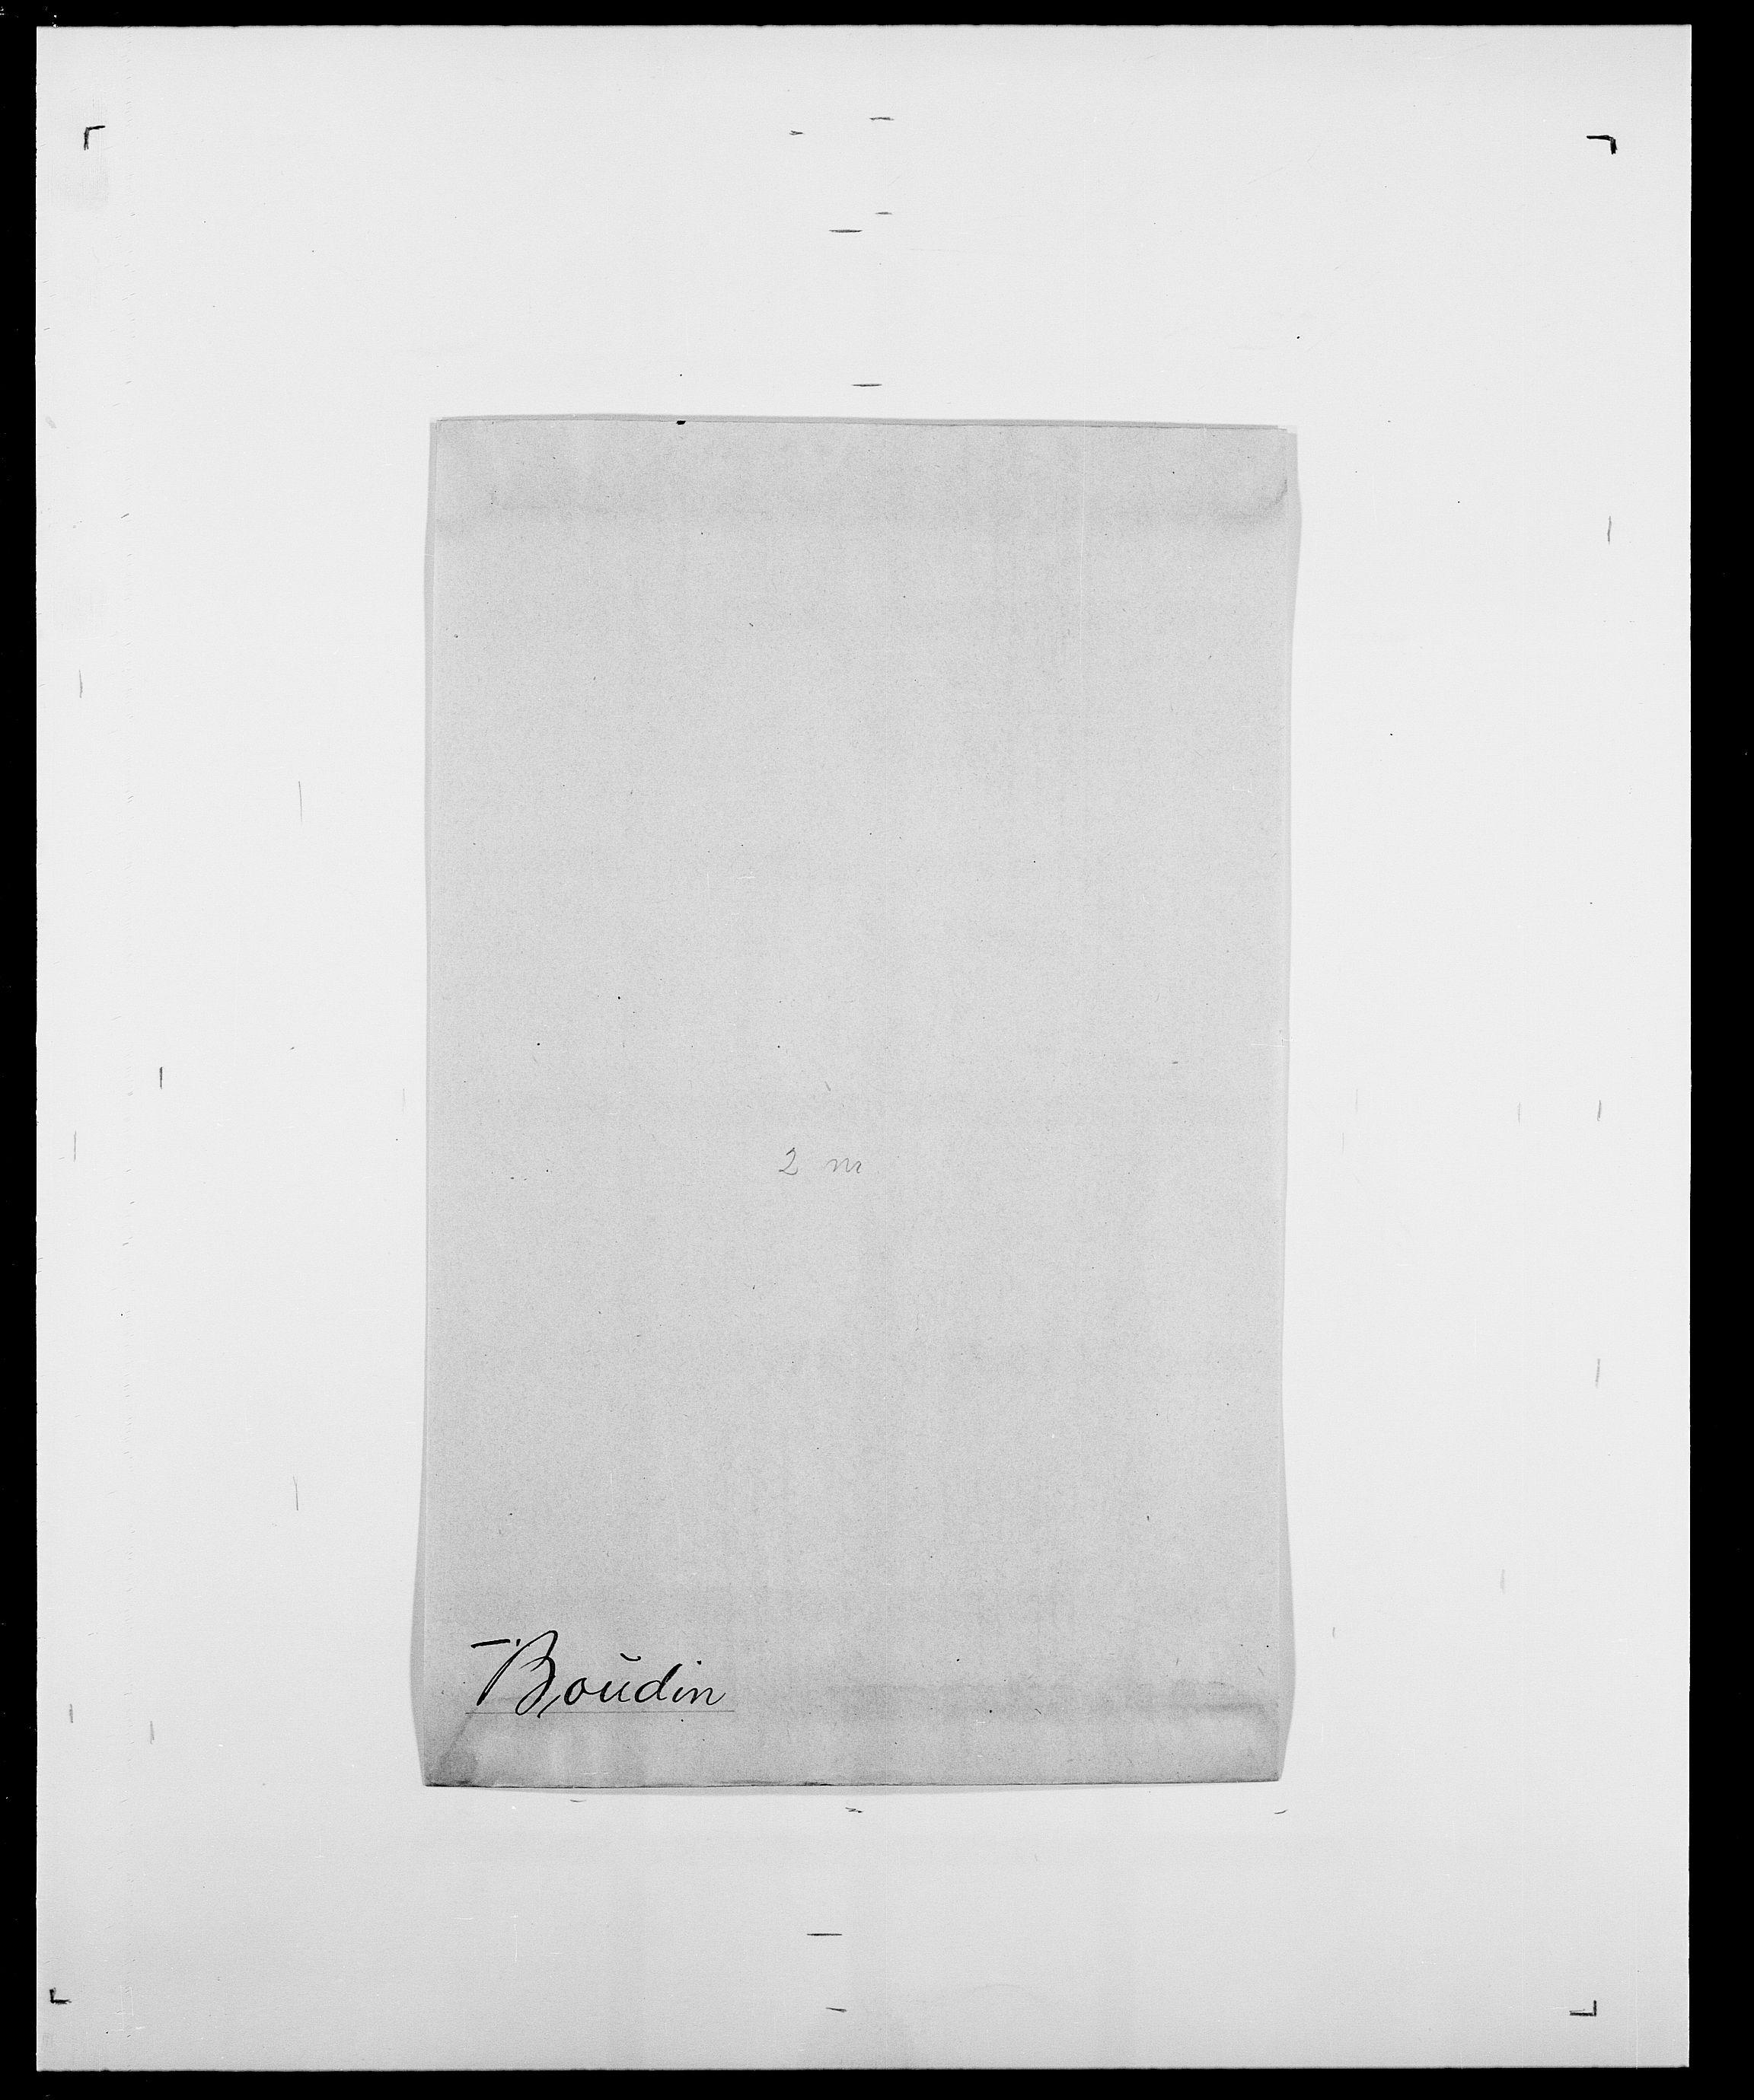 SAO, Delgobe, Charles Antoine - samling, D/Da/L0005: Boalth - Brahm, s. 354